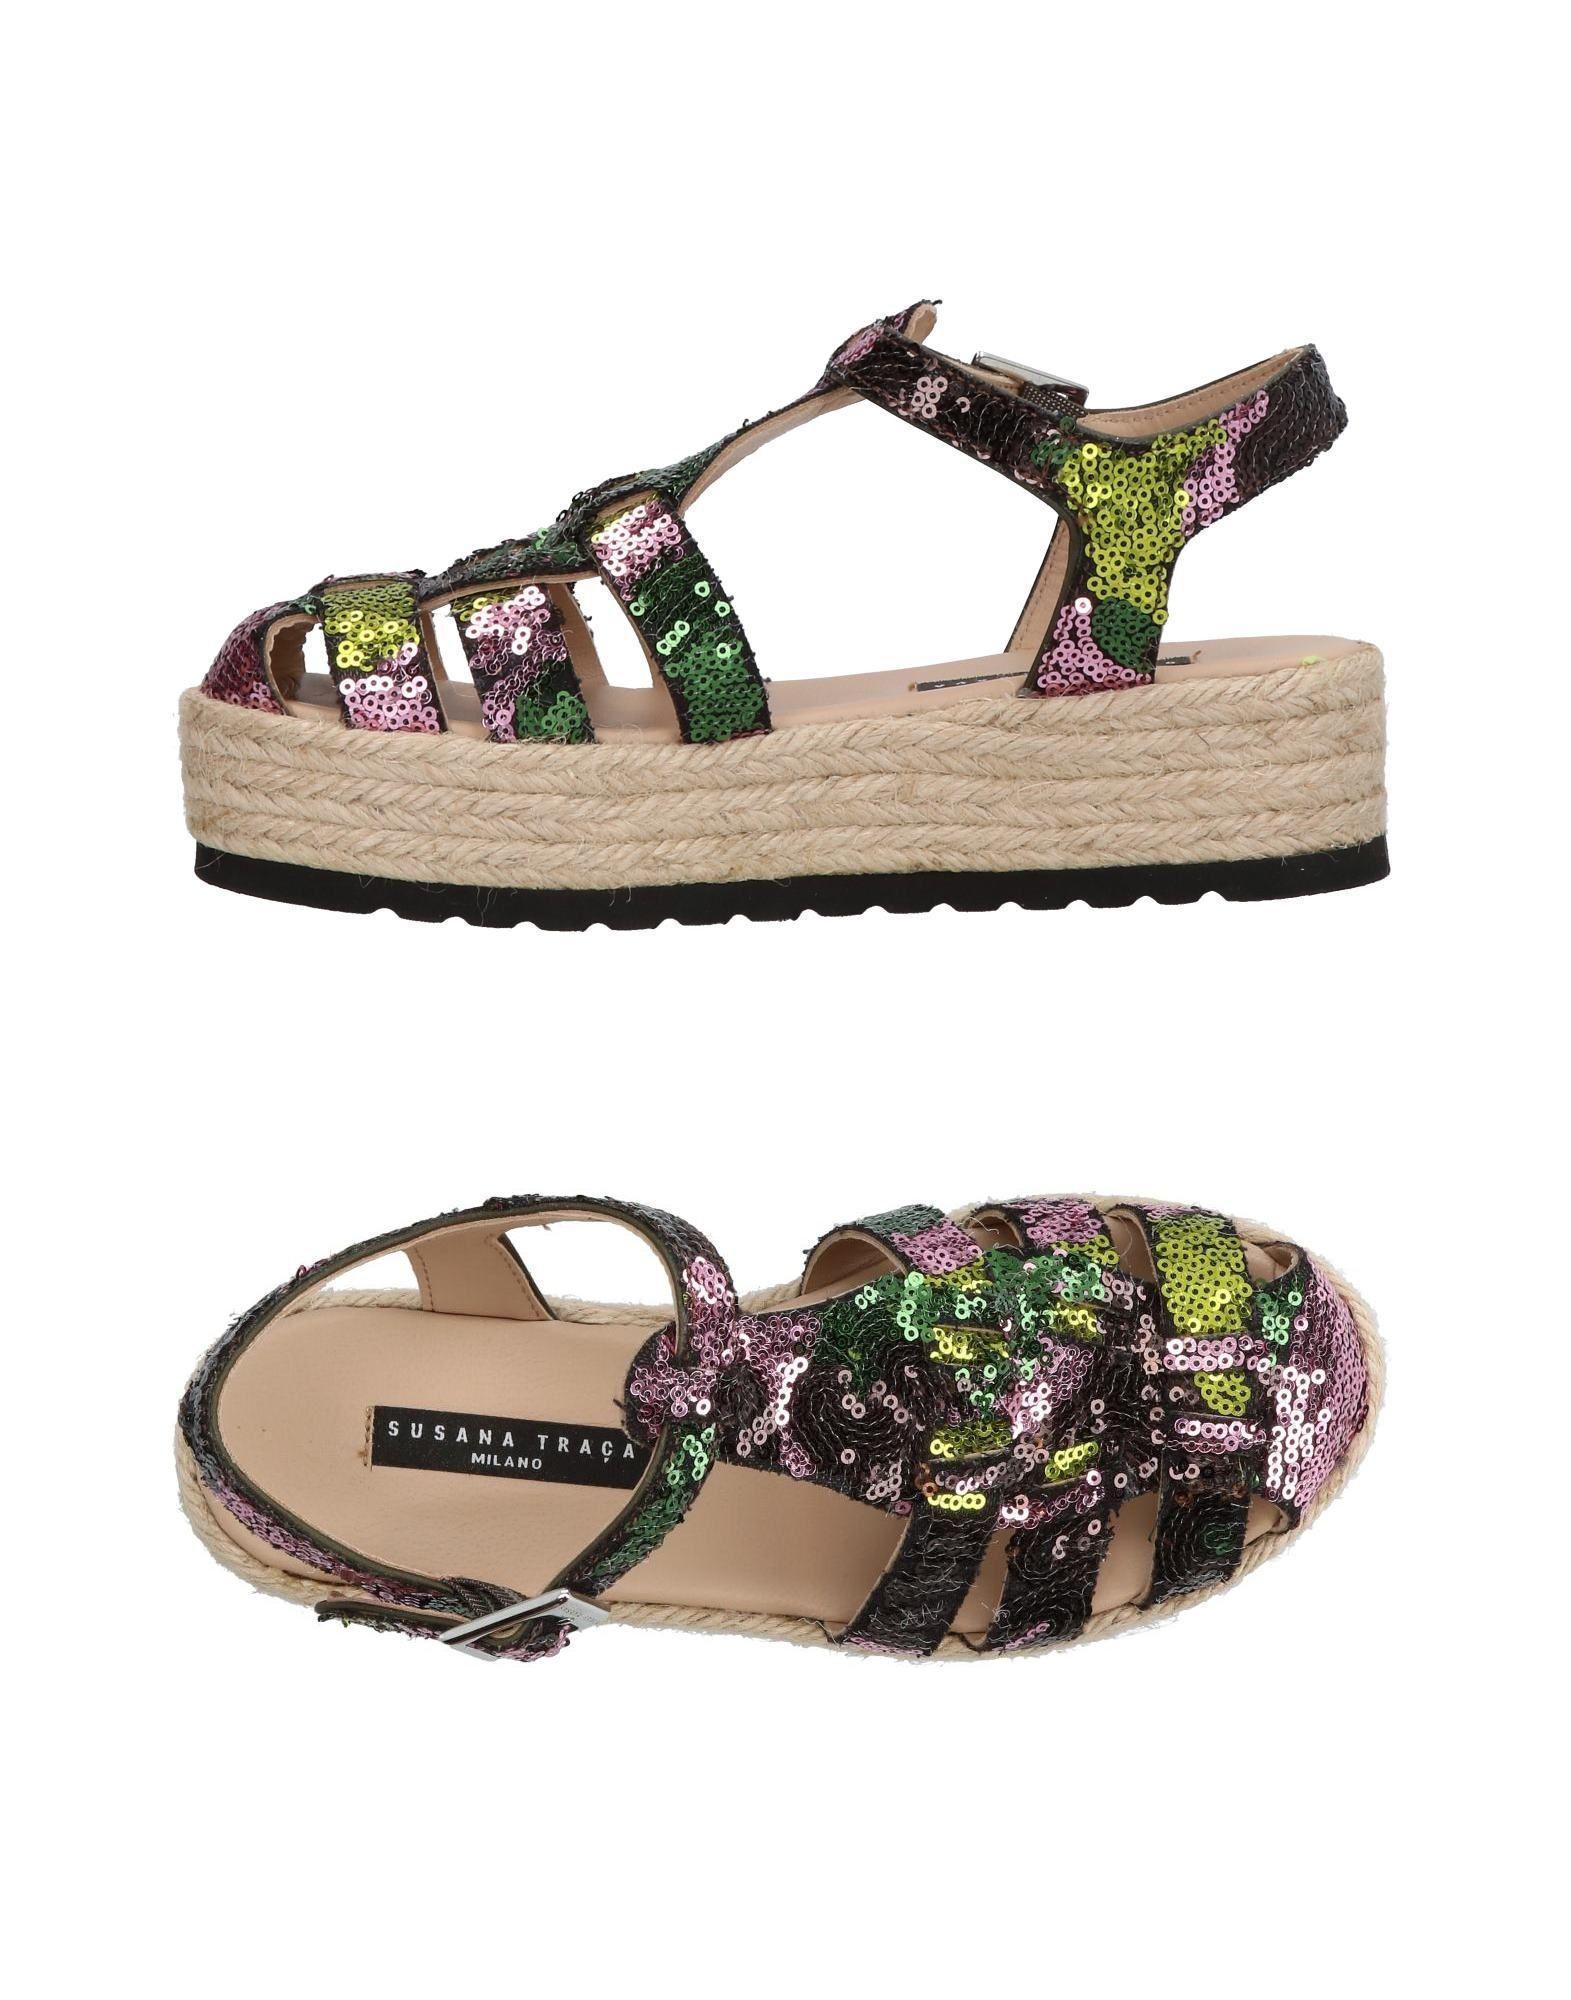 Chaussures - Espadrilles À Tra? Susana A1H3Y